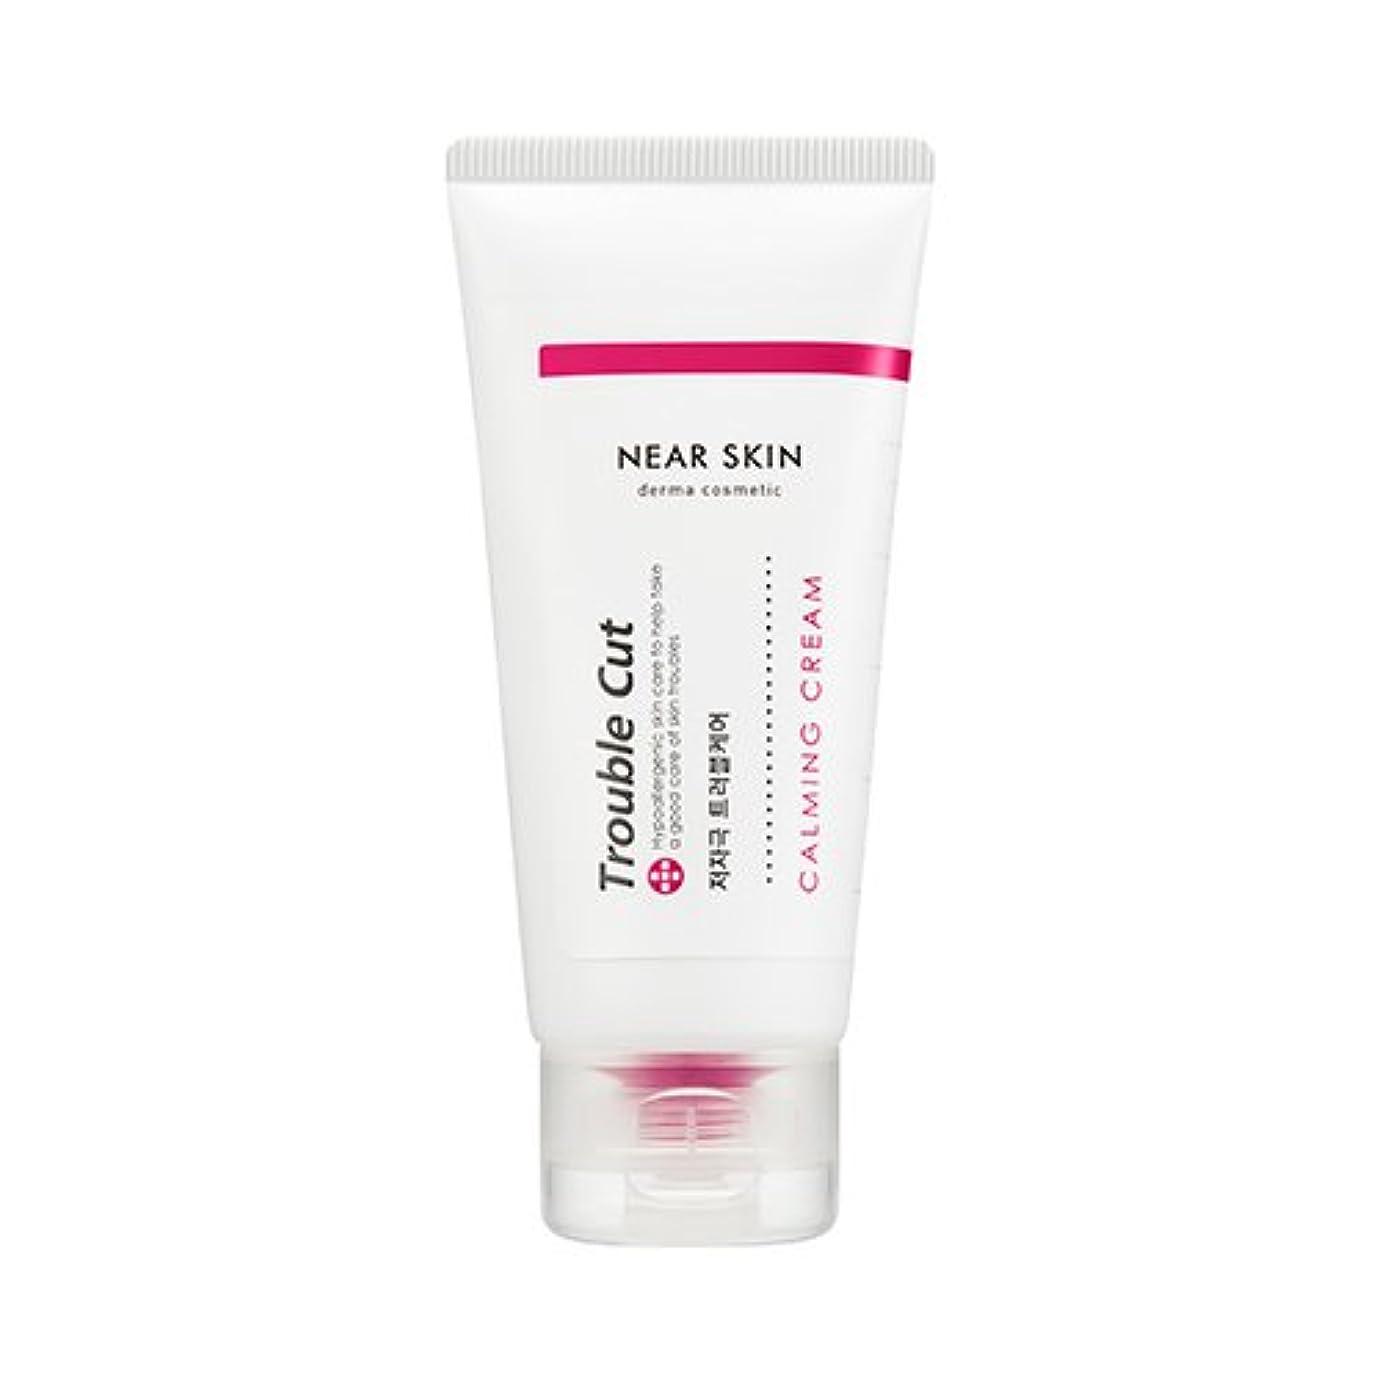 修道院スイス人刈るMISSHA [Near Skin] Trouble Cut Calming Cream 20ml / ミシャ ニアスキン トラブルカットカミングクリーム [並行輸入品]